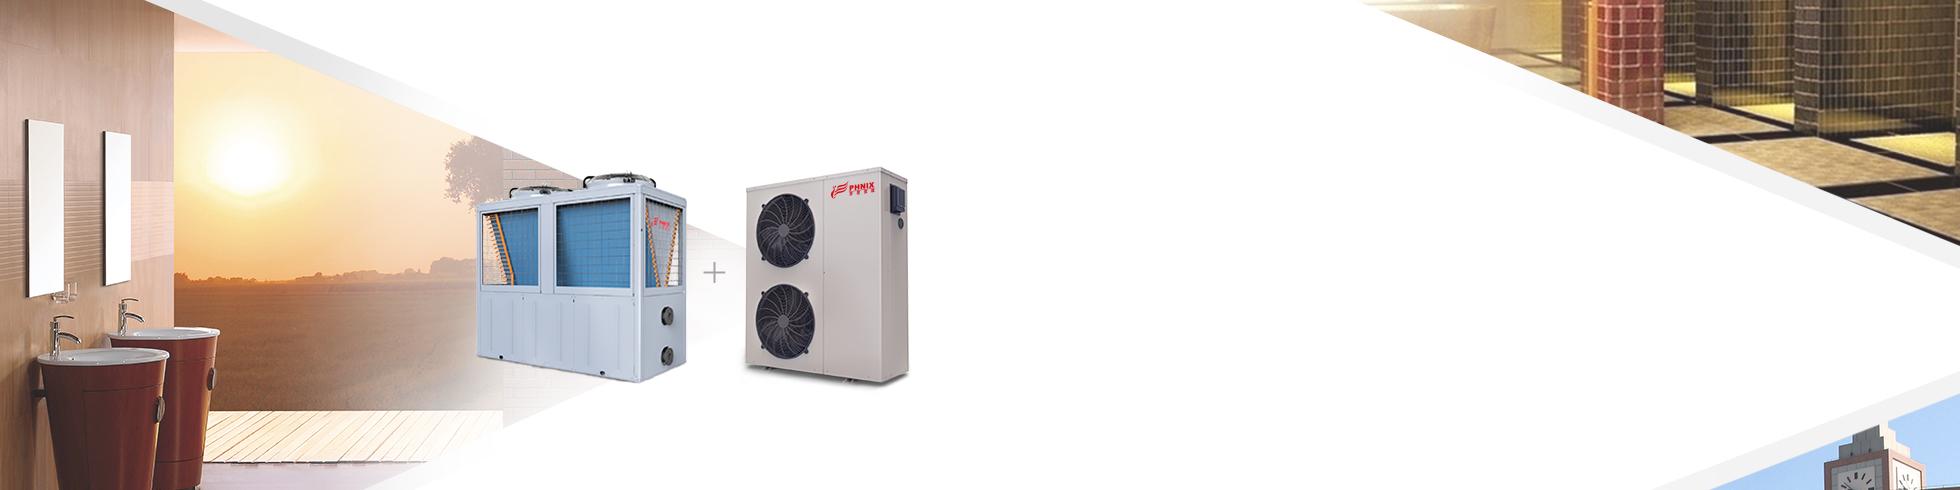 中央热水工程:风冷模块热泵+循环热水机等配置,空气能热水器系统完美模块化设计,安装方便,施工工期短,大大减少了初投资